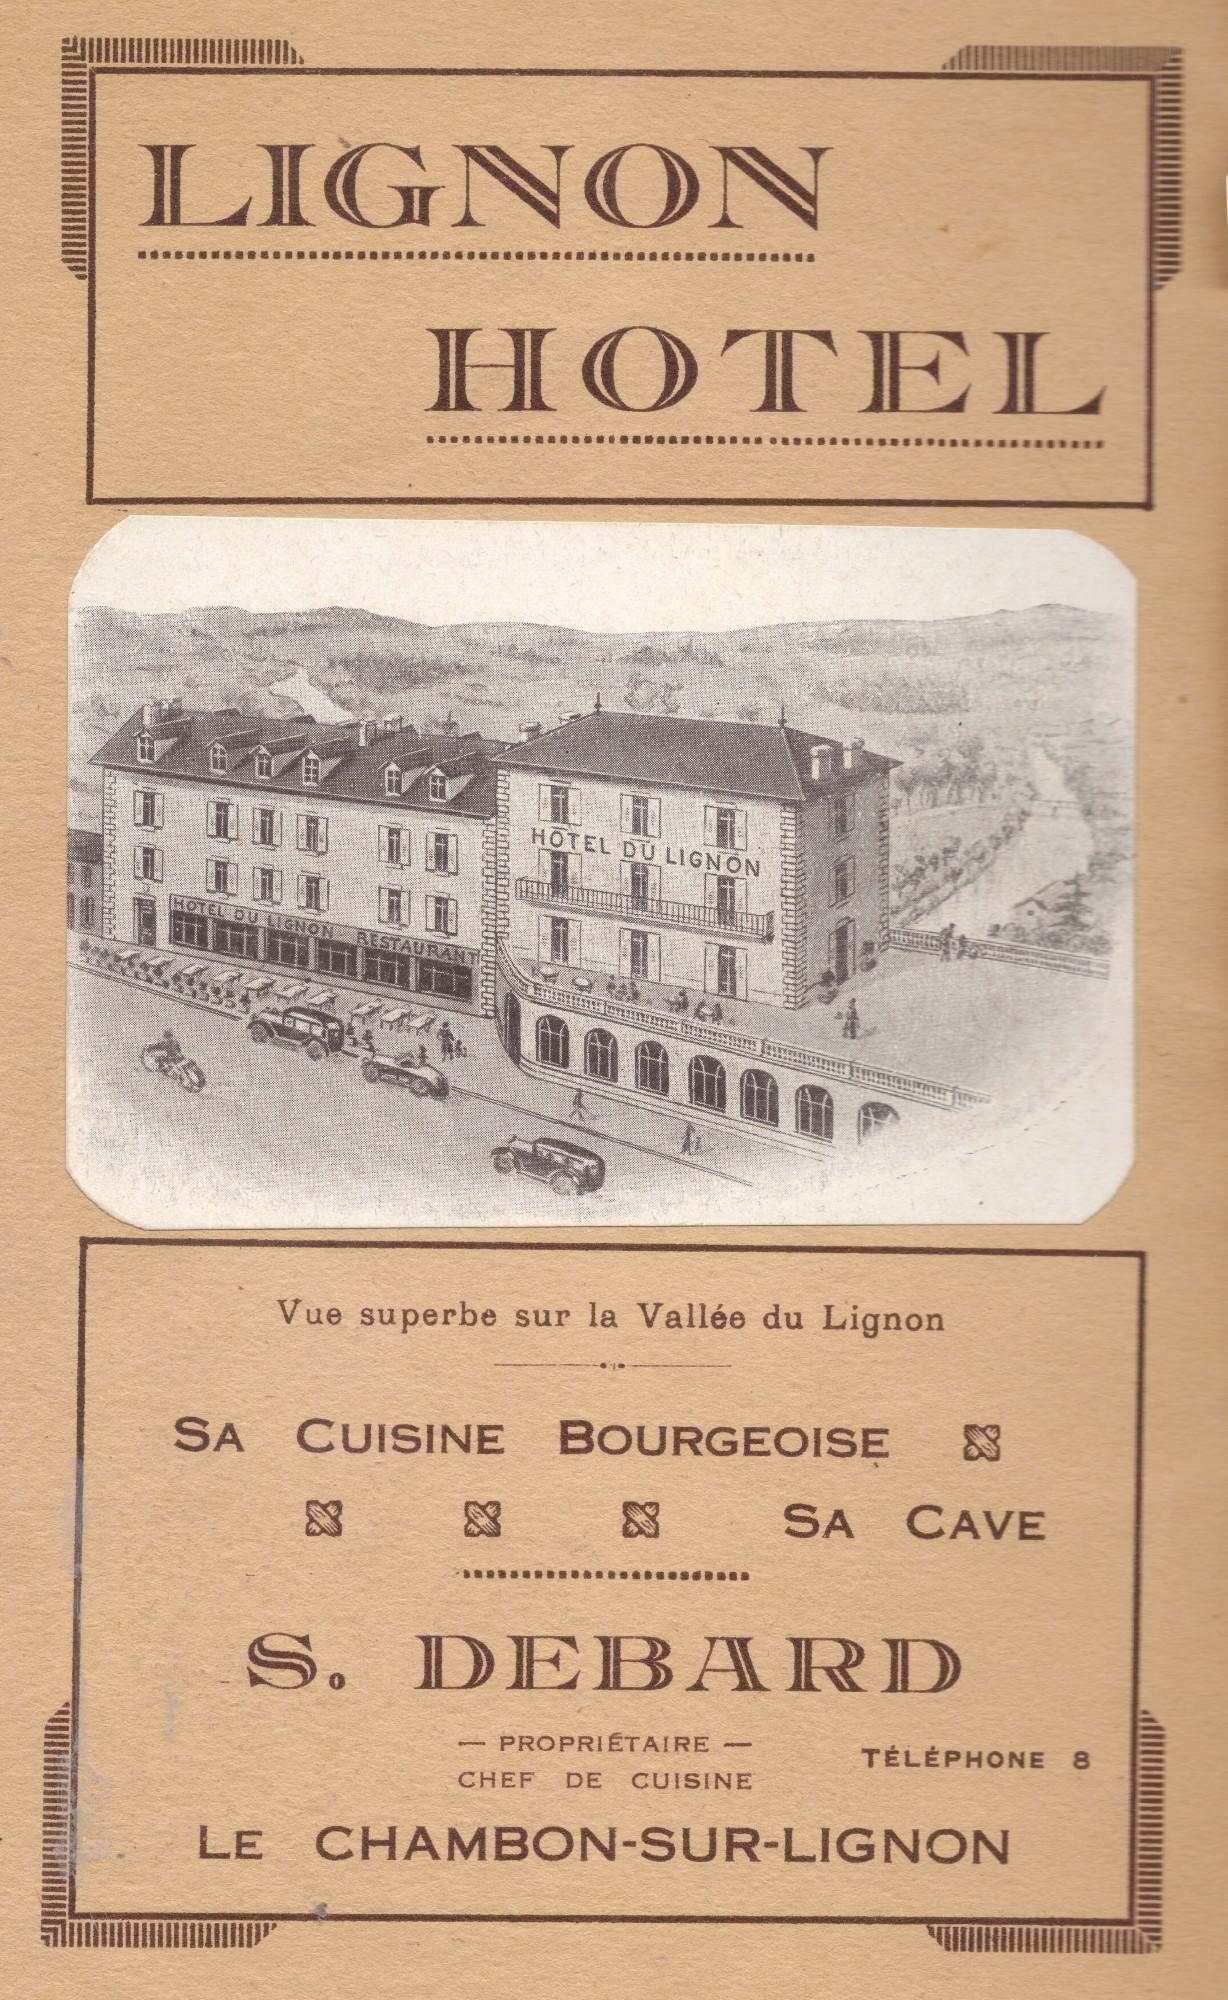 Hôtel du Lignon